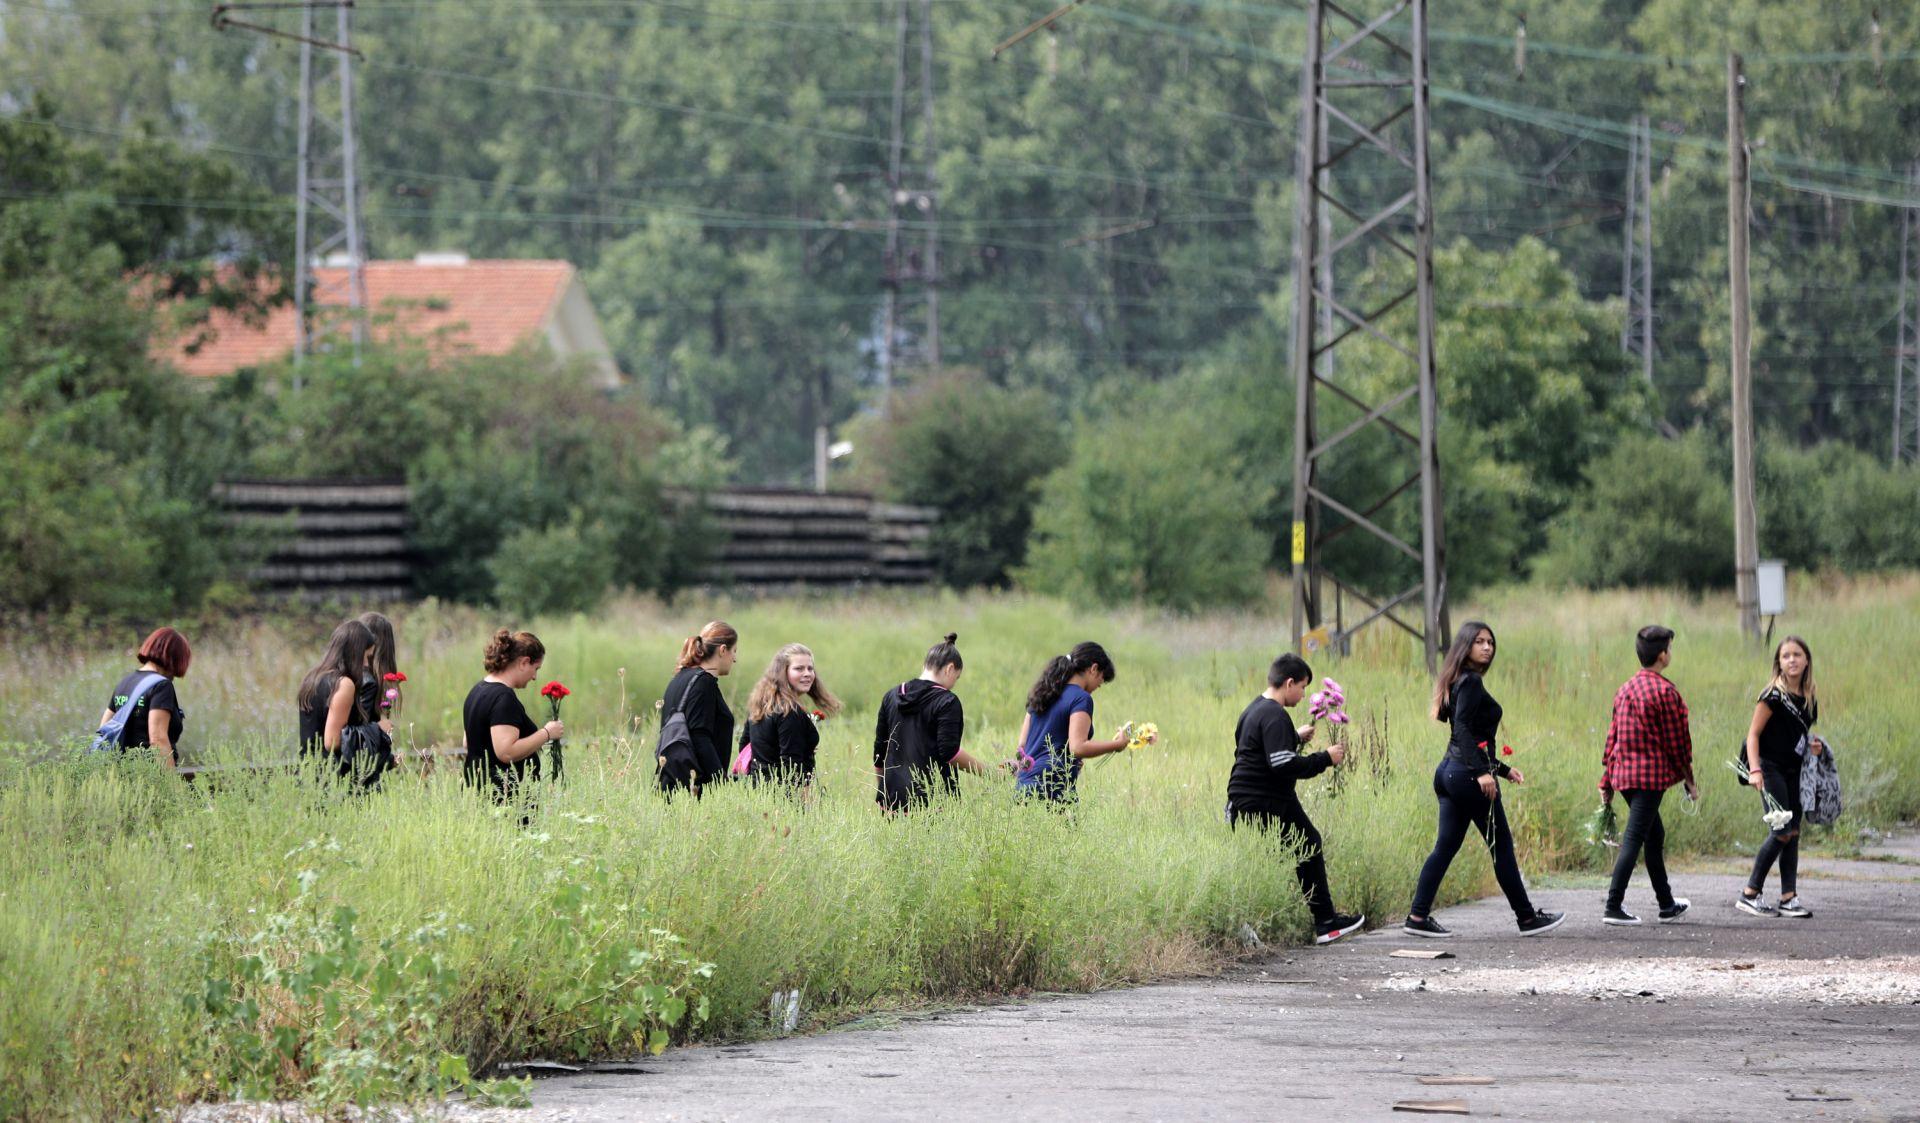 Започнаха погребенията в Световрачене на жертвите на пътния инцидент с автобус